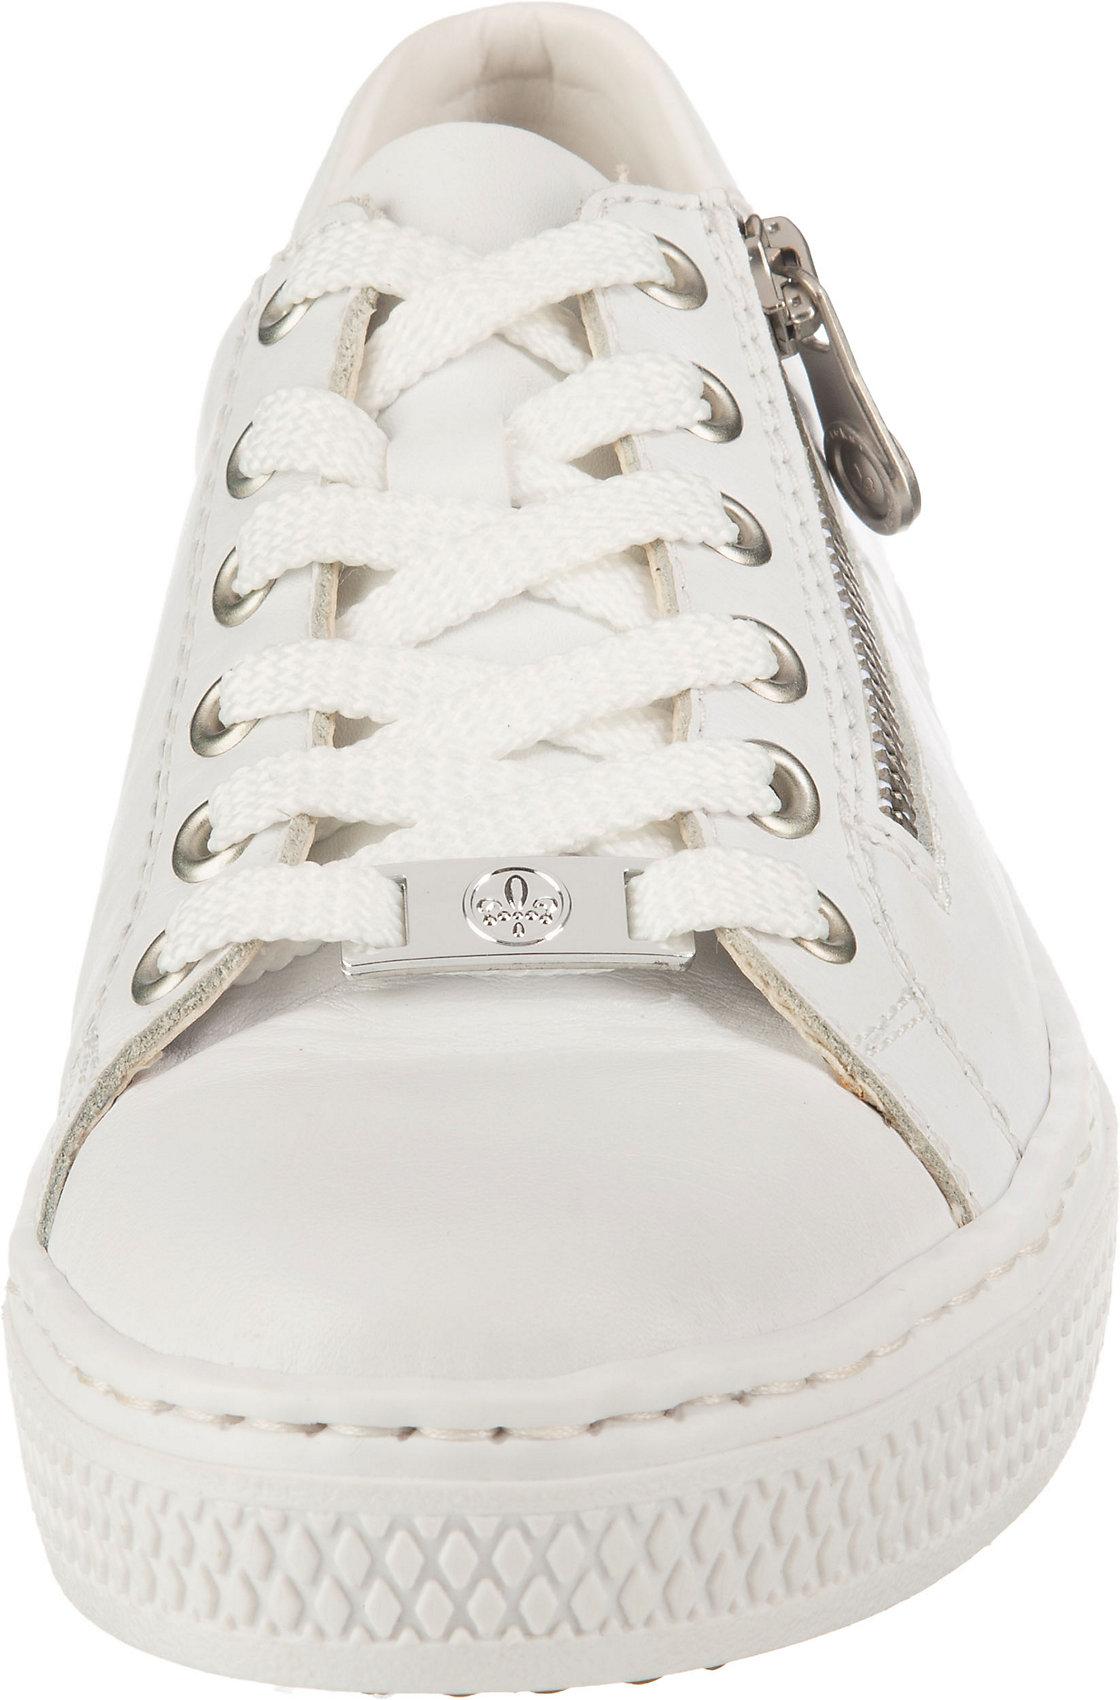 Indexbild 4 - Neu rieker Sneakers Low 17444045 für Damen weiß